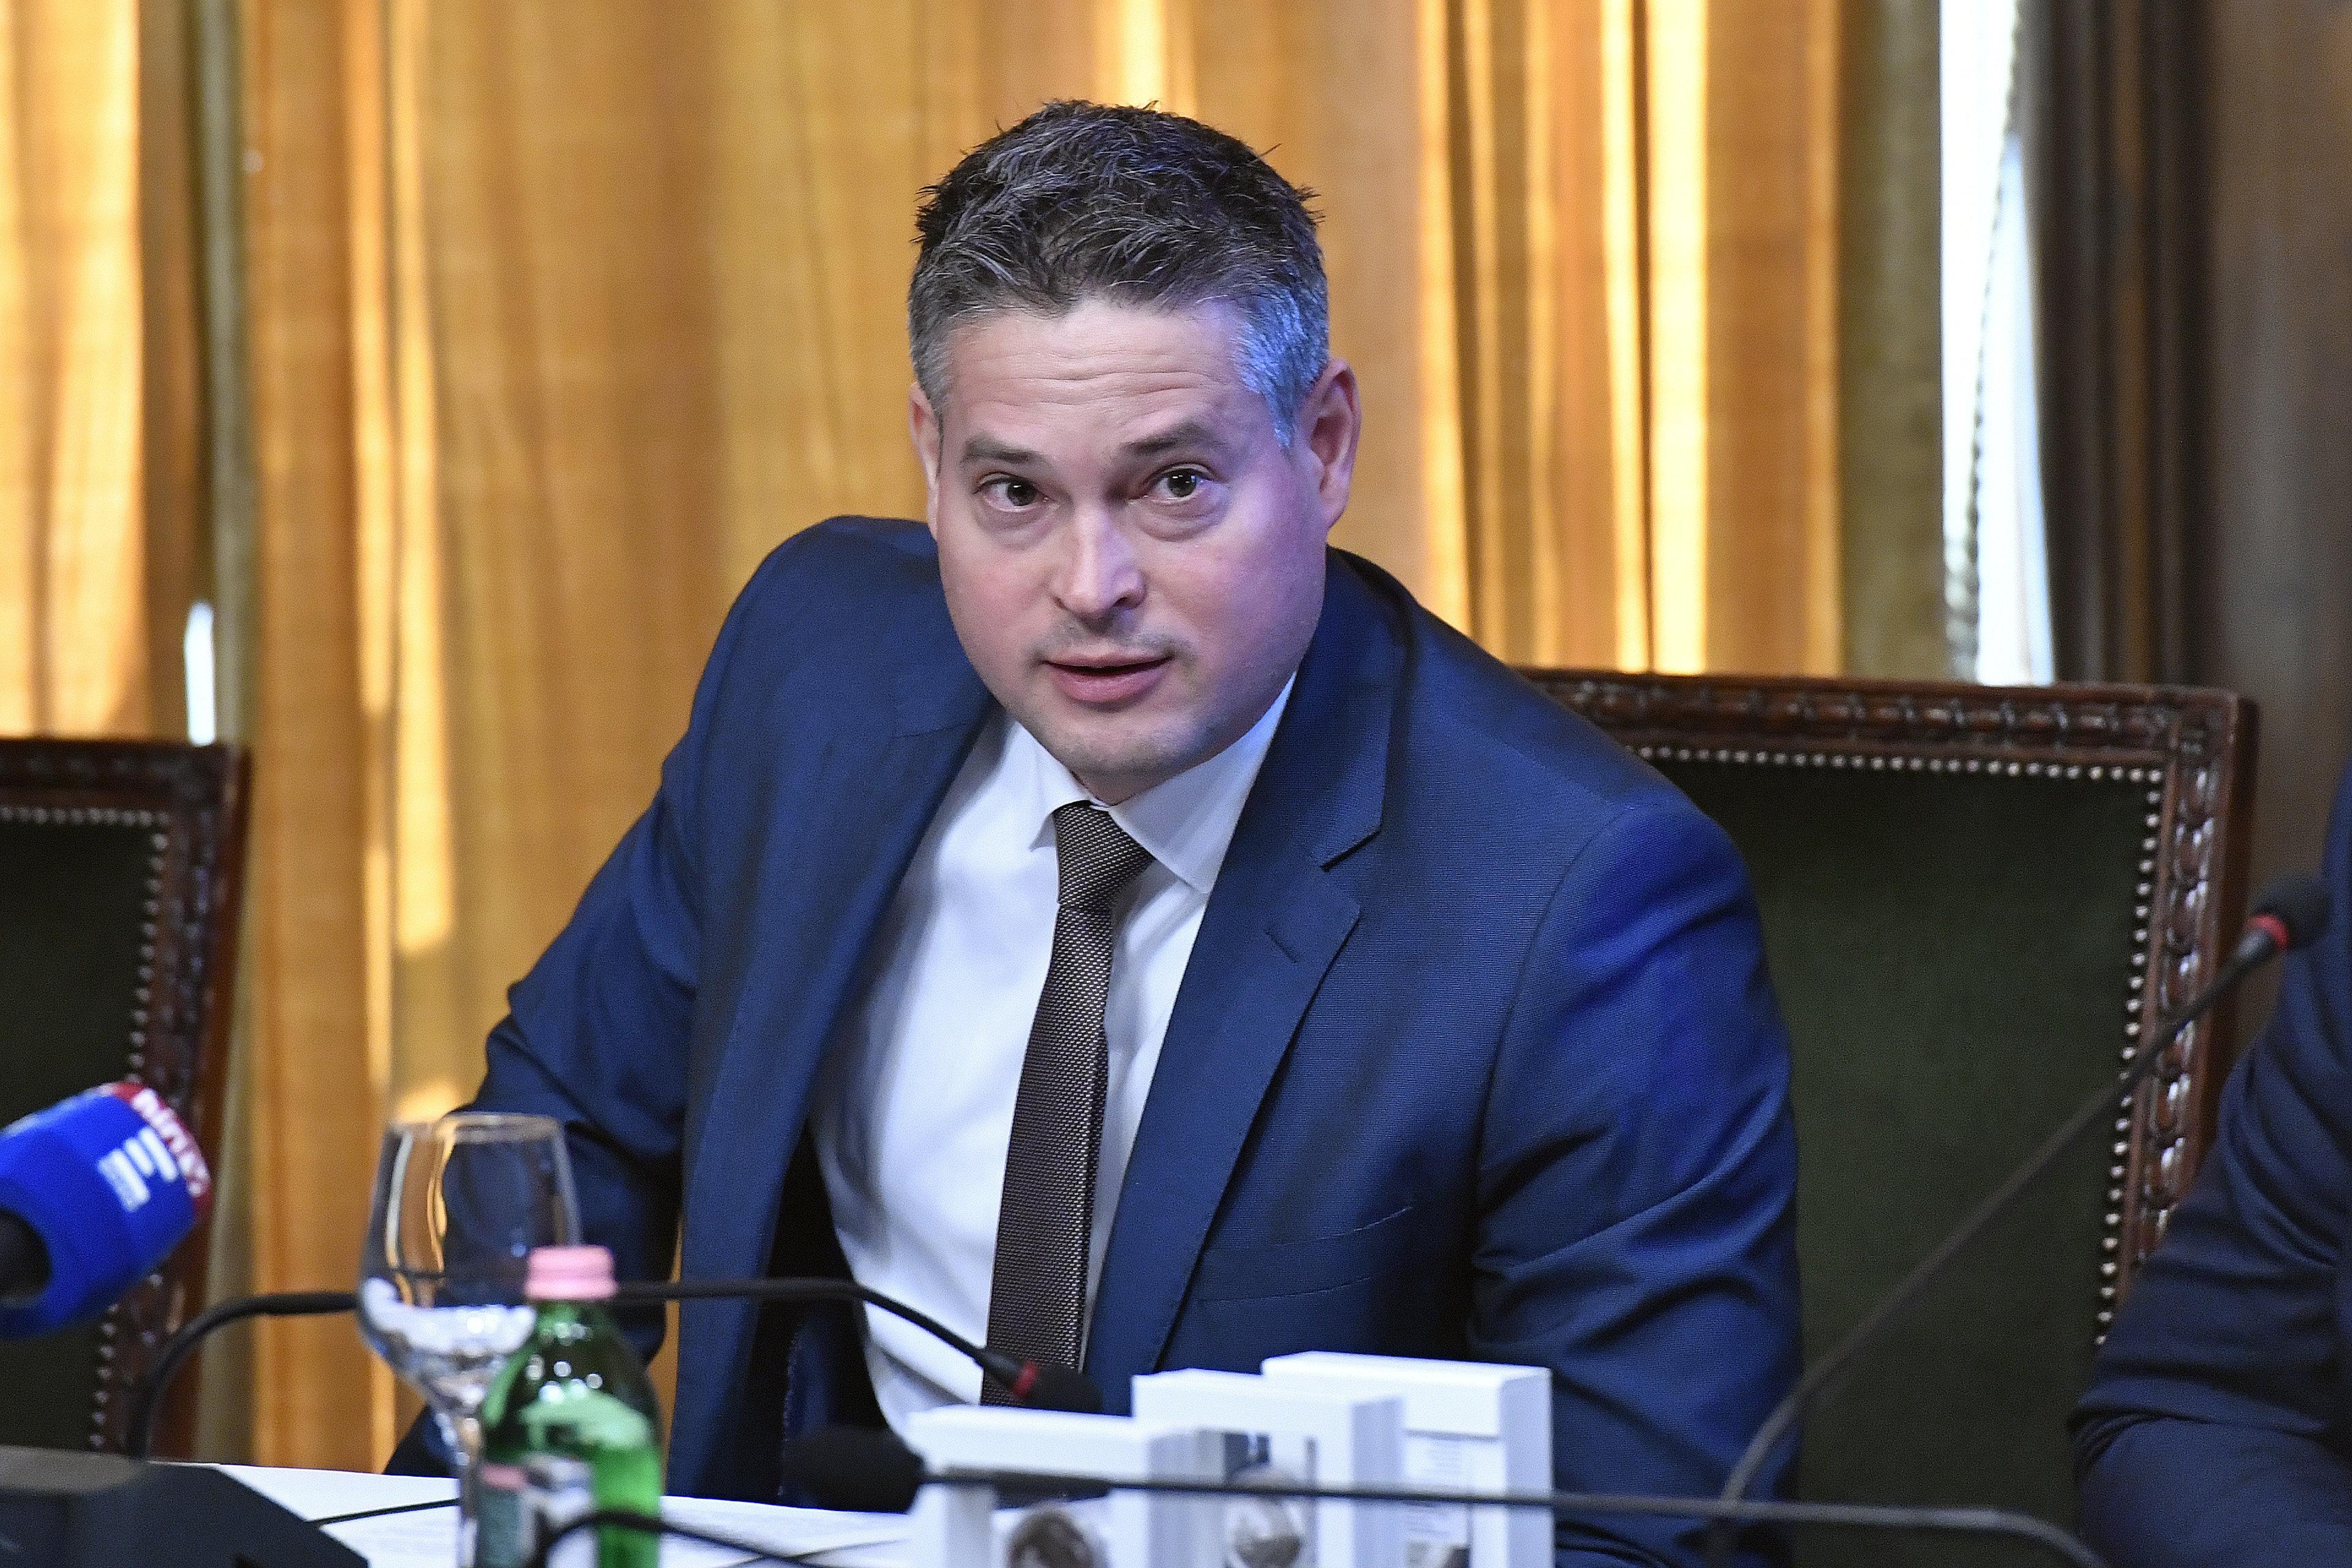 Tájékoztatást kért a járványhelyzetről a XV. kerület polgármestere, Sára Botond válasz helyett elmagyarázta, hogy miért nem válaszol